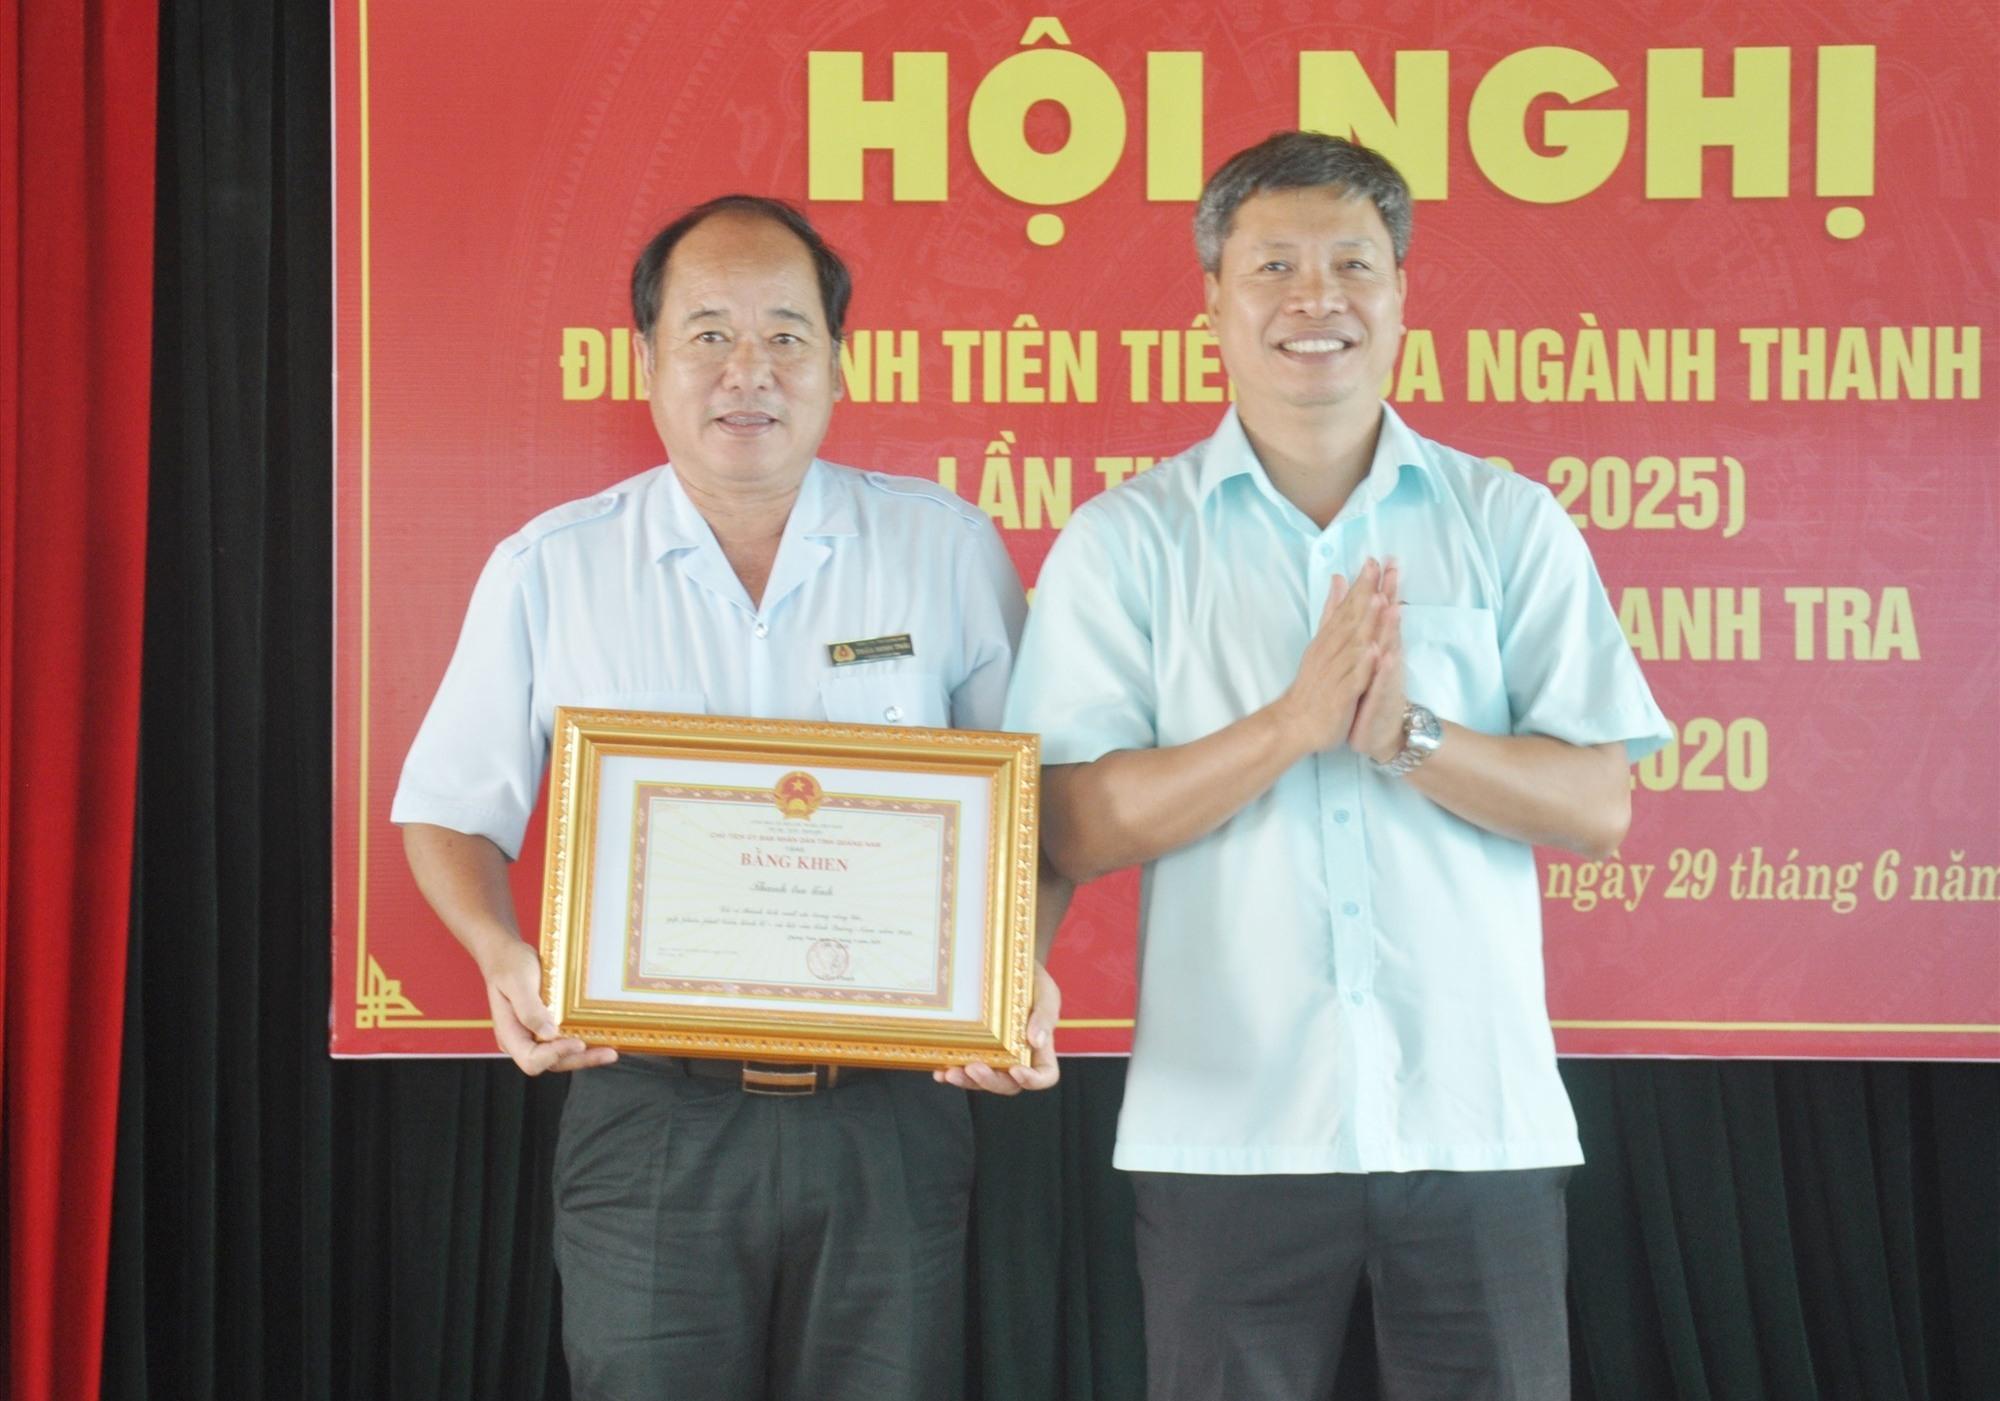 Phó Chủ tịch UBND tỉnh Hồ Quang Bửu tặng Bằng khen của UBND tỉnh cho Thanh tra tỉnh vì những thành tích xuất sắc trong việc thực hiện các nhiệm vụ được giao năm 2019. Ảnh: N.Đ